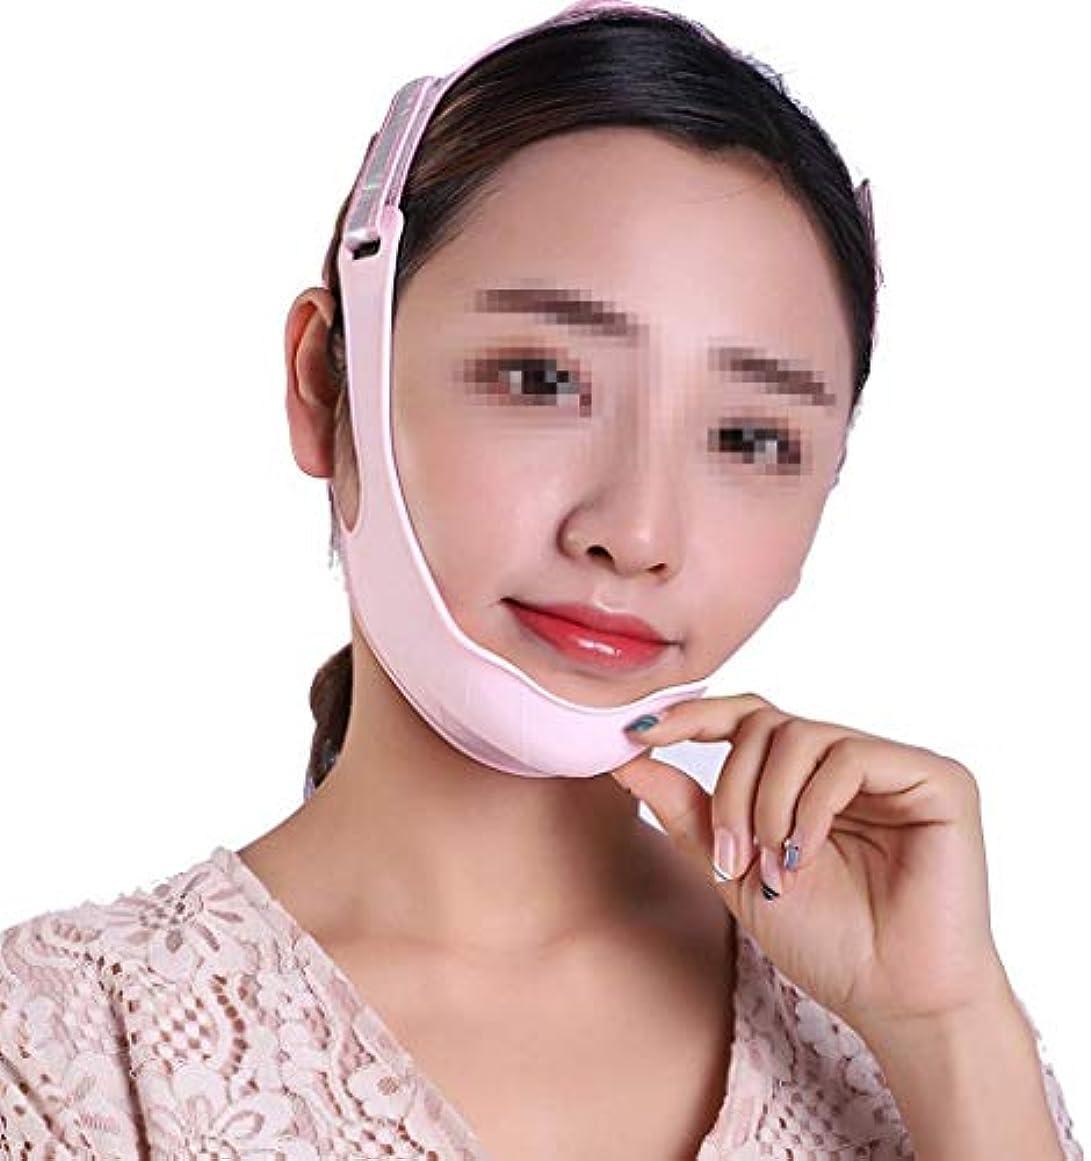 有毒な露時代遅れ美容と実用的なシリコンフェイスマスク、小さなV顔薄い顔包帯リフティング顔引き締めアーティファクトマッサージ師スキニー顔美容バー